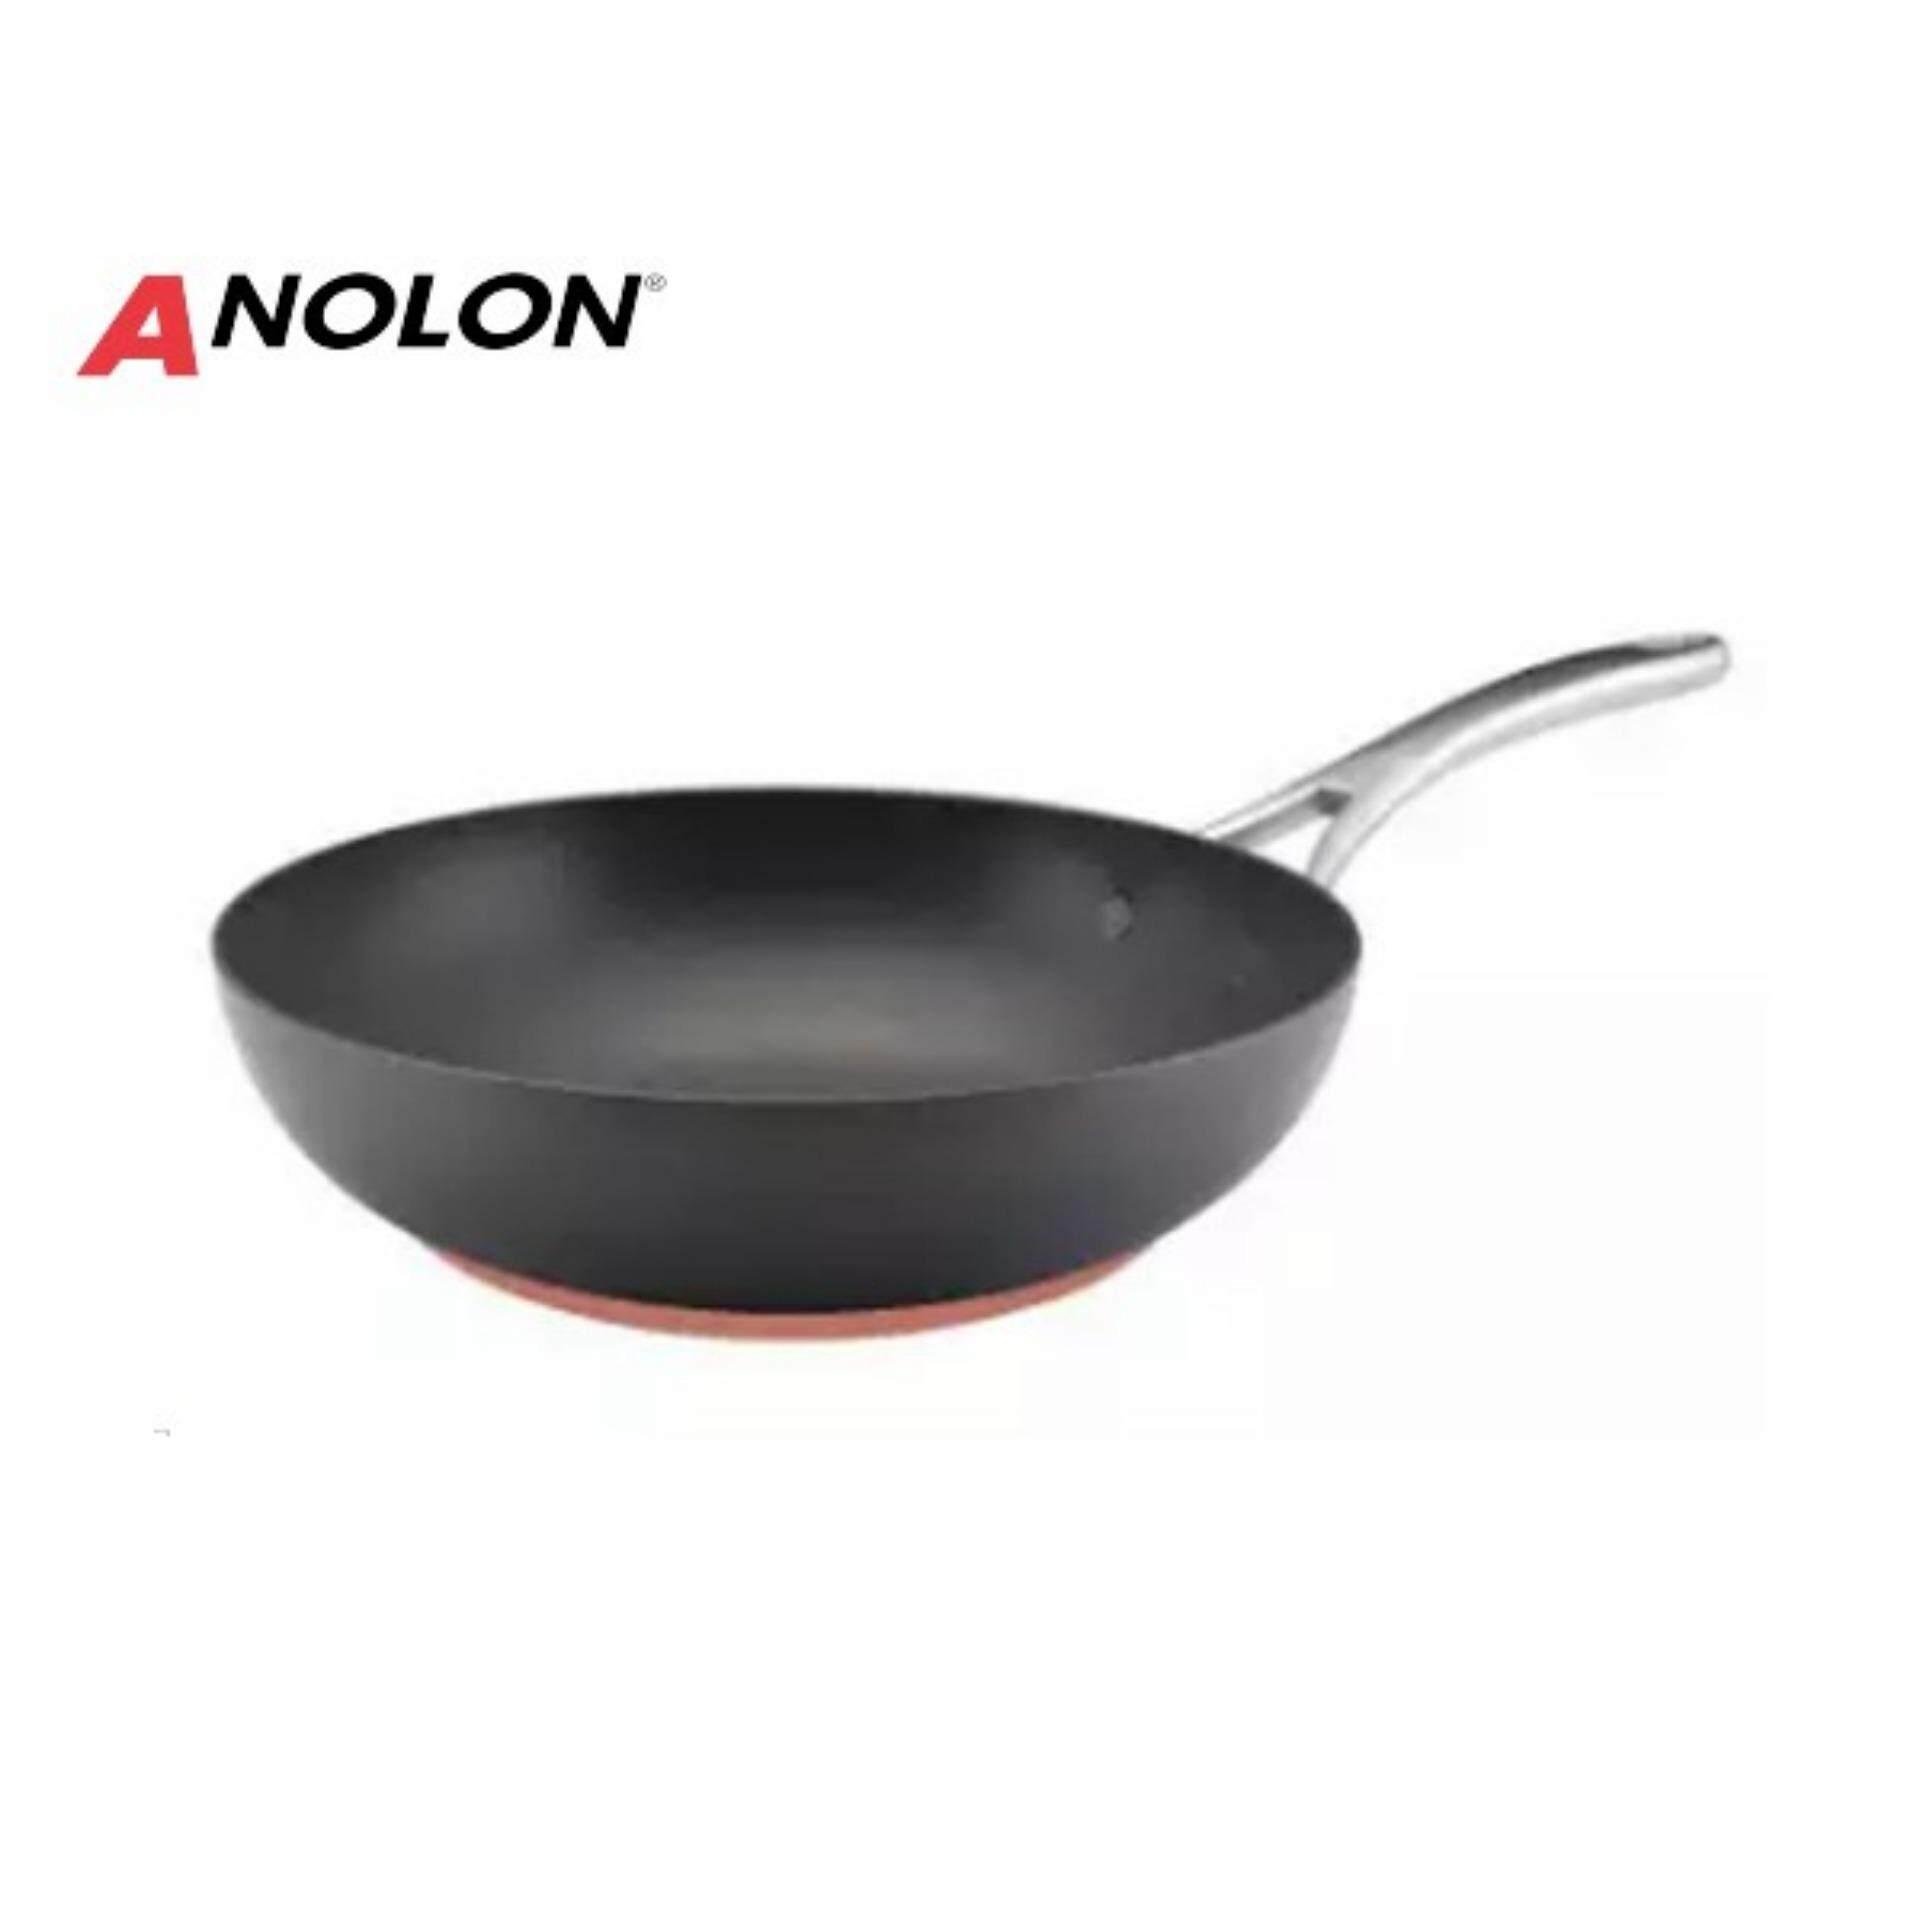 ANOLON กระทะก้นลึก รุ่น Nouvelle Copper ขนาดกว้าง 30 ซม.